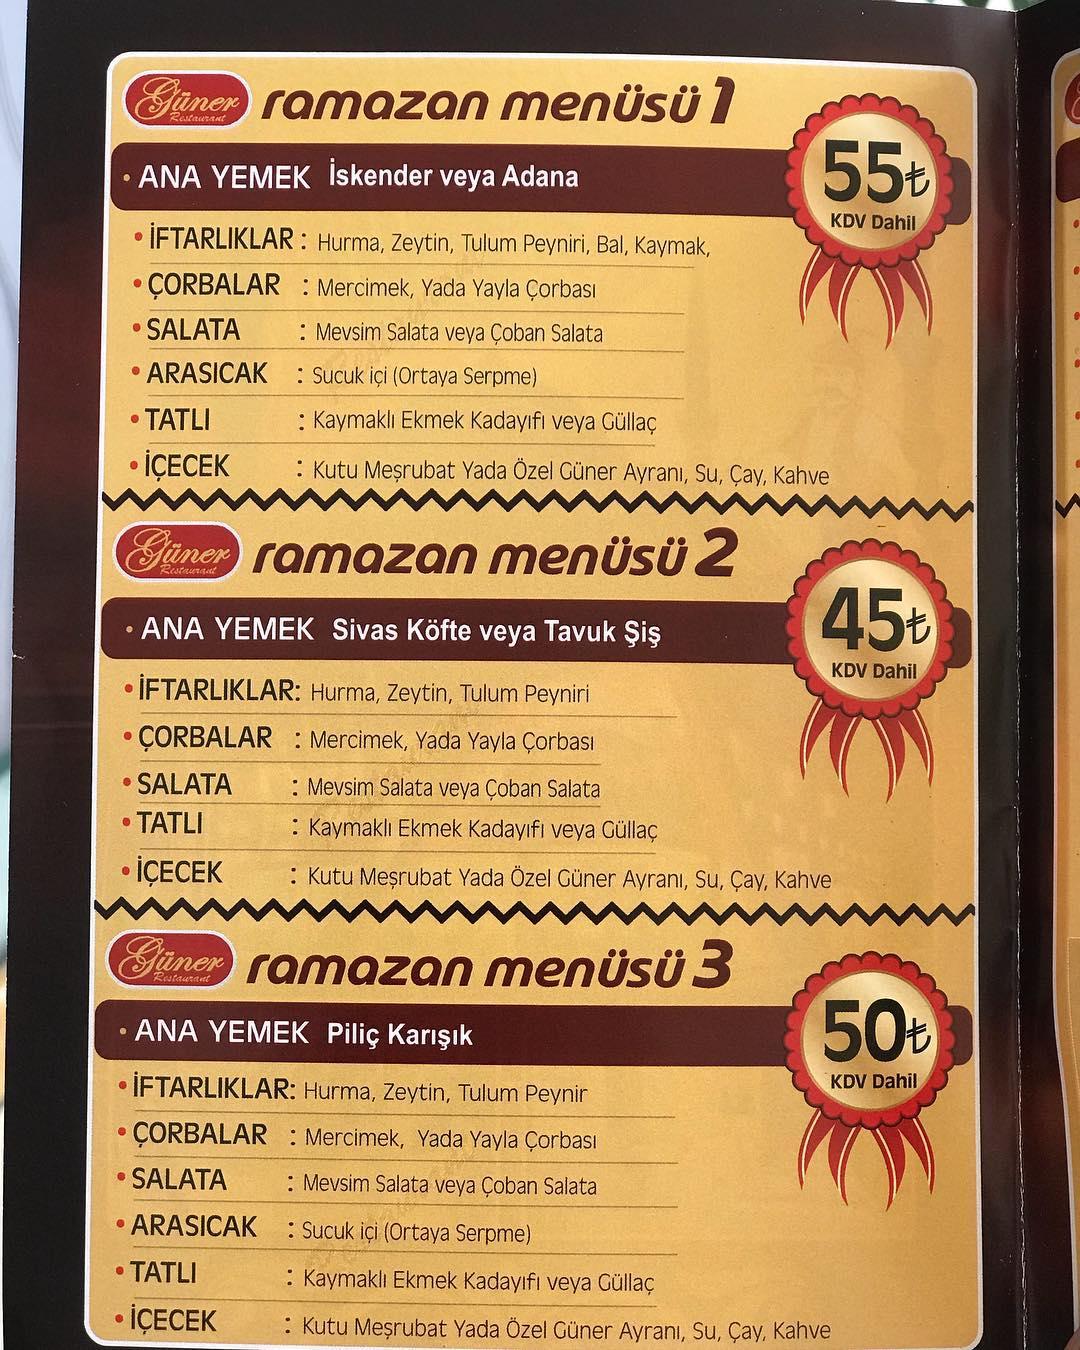 güner restaurant kayseri ramazan 2019 iftar menü fiyat kayseri iftar mekanları